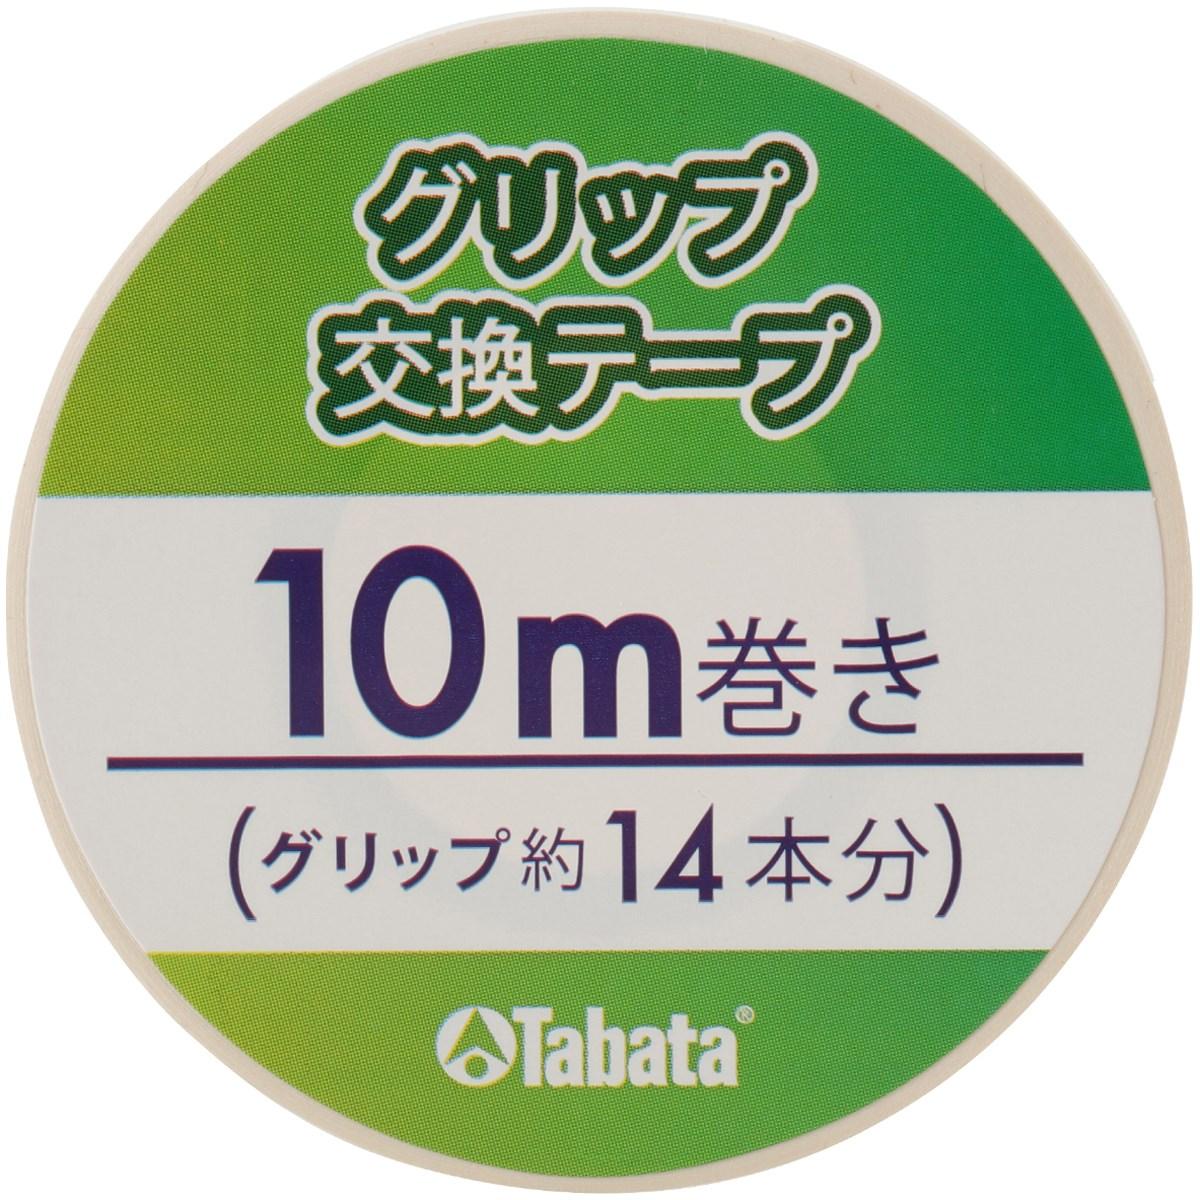 タバタ Tabata グリップ交換テープ10m GV-0610